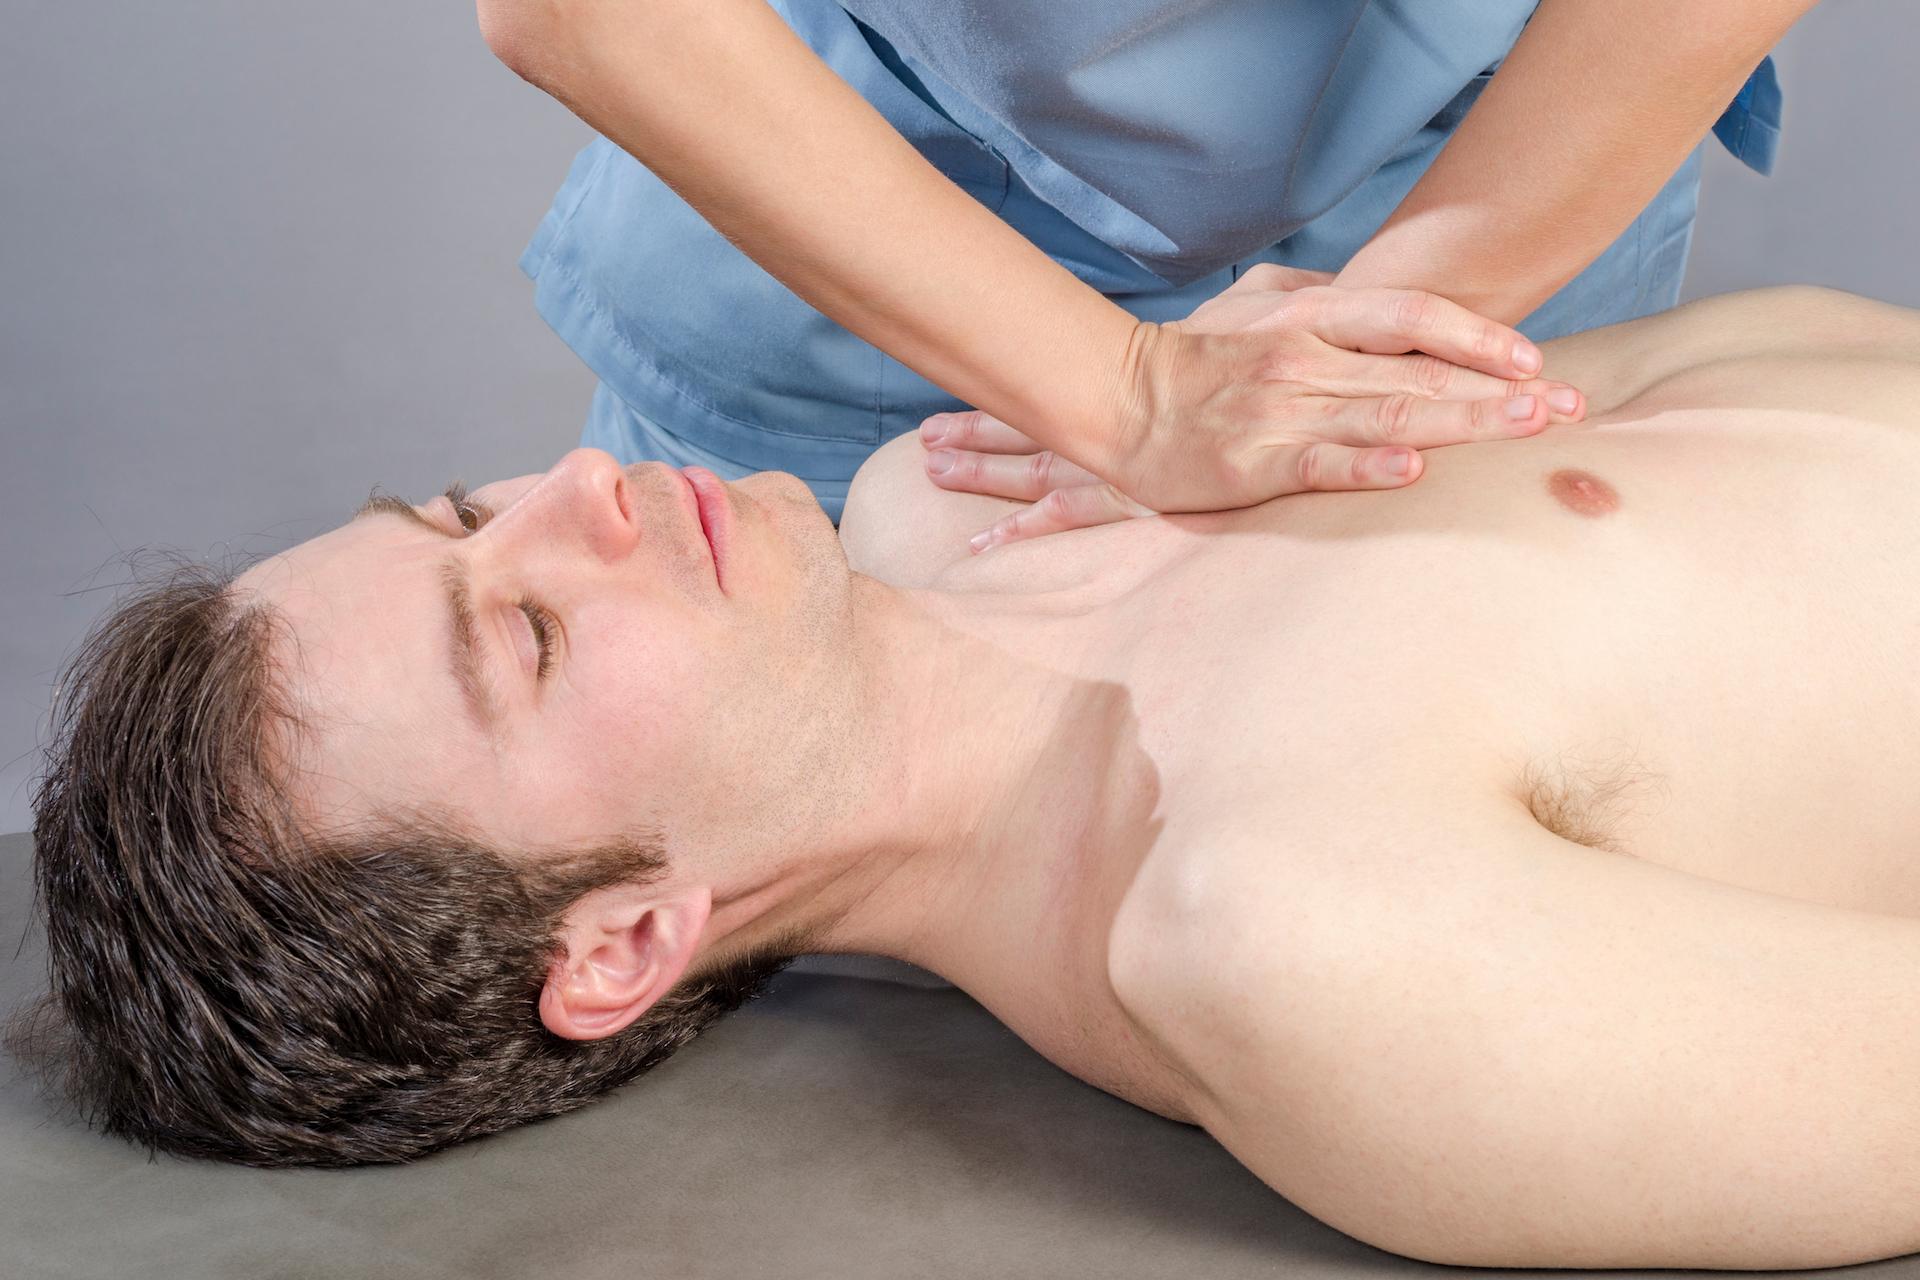 Fascia massage